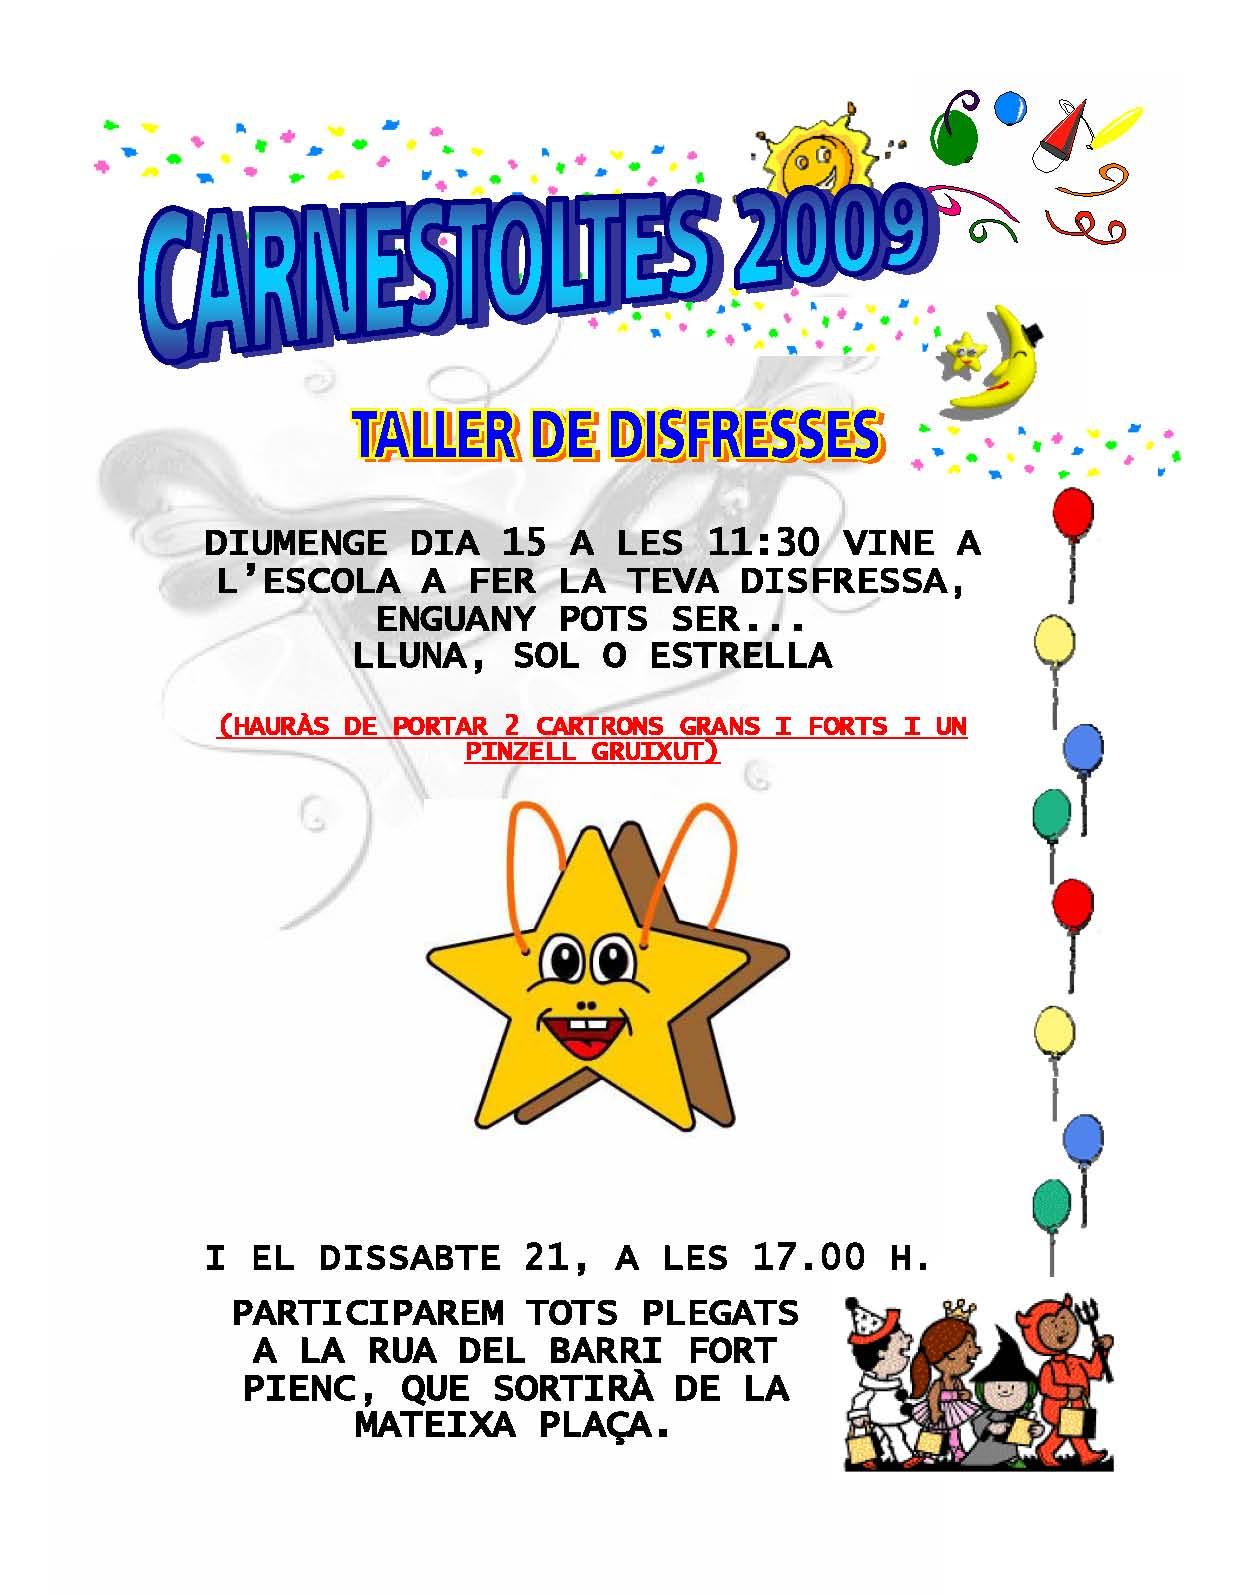 tallercarnestoltes2009RamonLlull